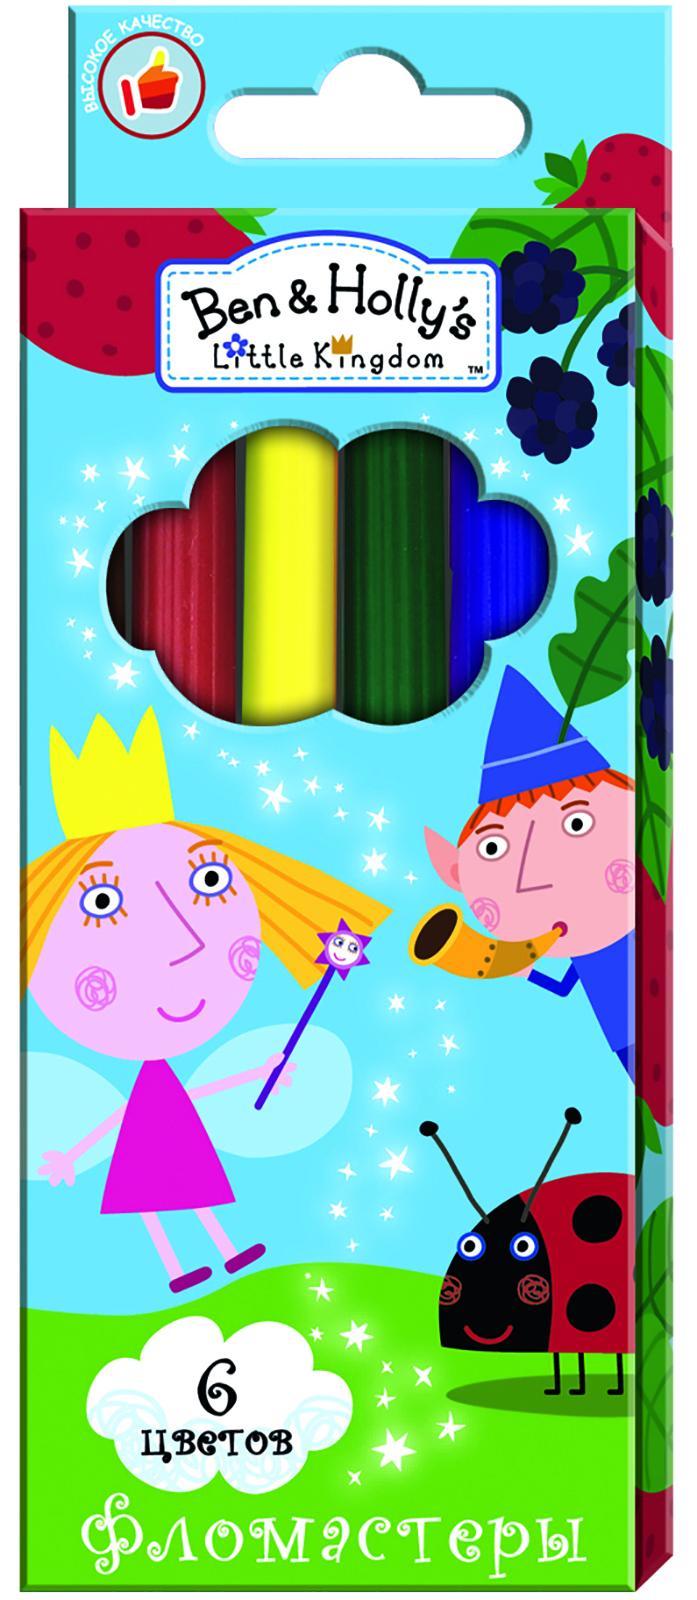 Ben&Holly Набор фломастеров Бен и Холли 6 цветов31693Фломастеры ТМ Бен и Холли, идеально подходящие для рисования и раскрашивания, помогут вашему ребенку создавать яркие картинки, а упаковка с любимыми героями будет долгое время радовать юного художника. В набор входит 6 разноцветных фломастеров с вентилируемыми колпачками, безопасными для детей.Диаметр корпуса: 0,8 см; длина: 13,5 см.Фломастеры изготовлены из материала, обеспечивающего прочность корпуса и препятствующего испарению чернил, благодаря этому они имеют гарантированно долгий срок службы: корпус не ломается, даже если согнуть фломастер пополам.Состав: ПВХ, пластик, чернила на водной основе.